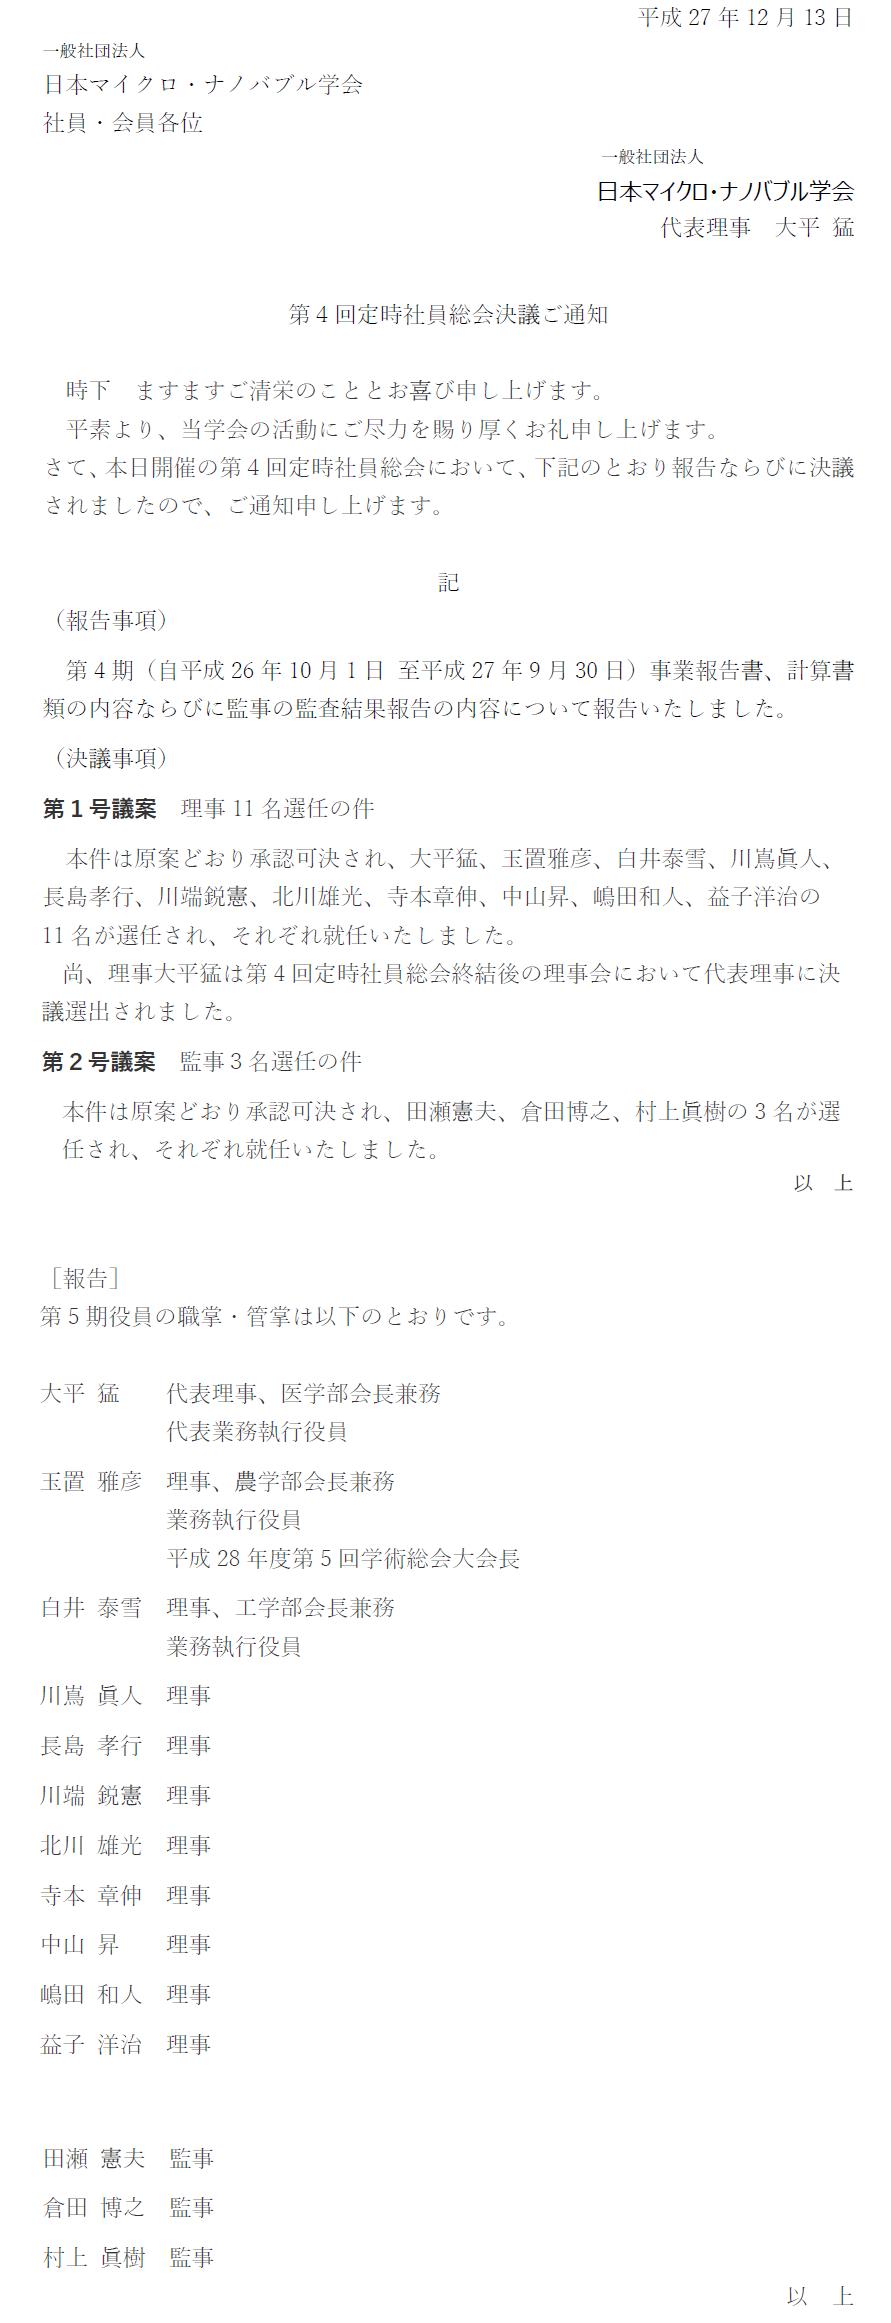 teijisokai20151221